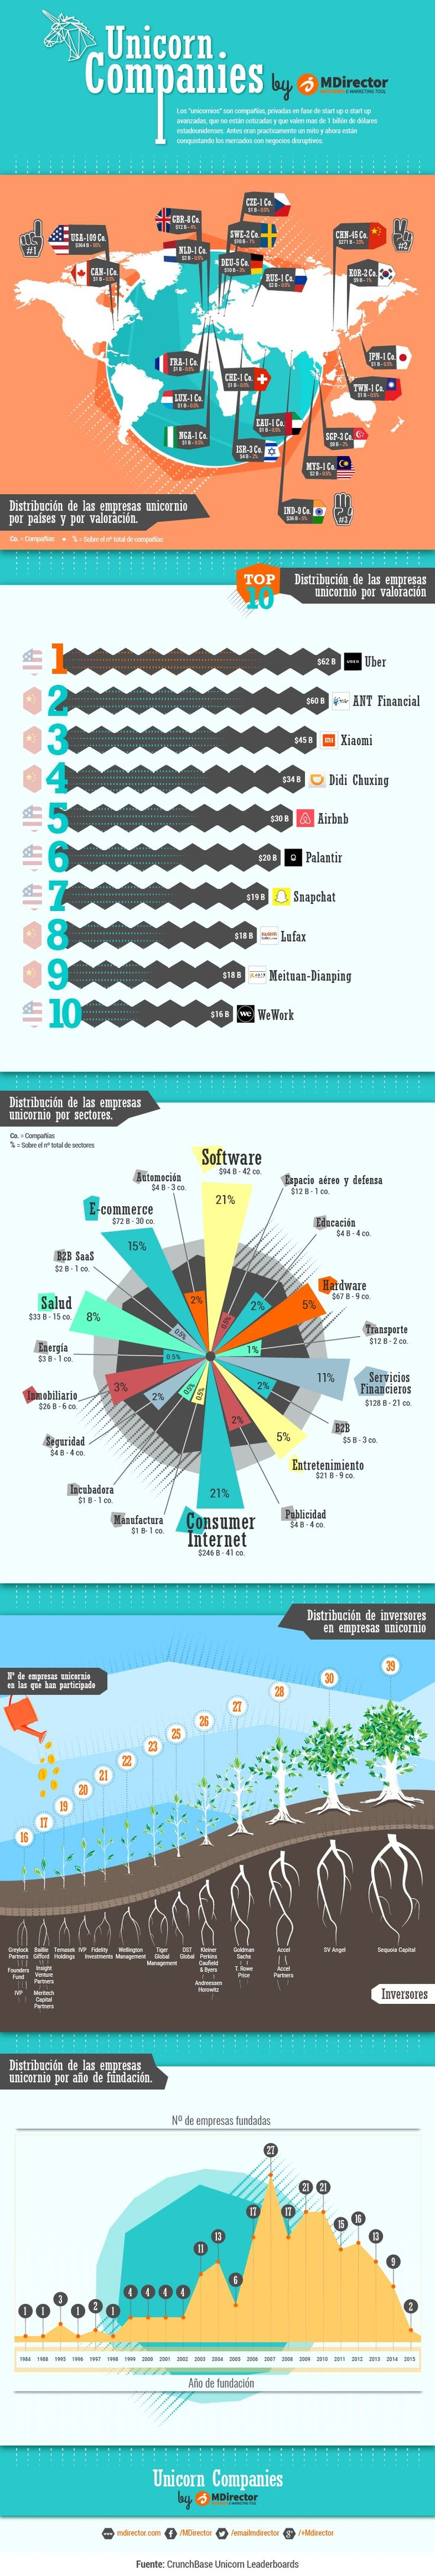 Empresas unicornio, contexto, distribución, datos y estadísticas.